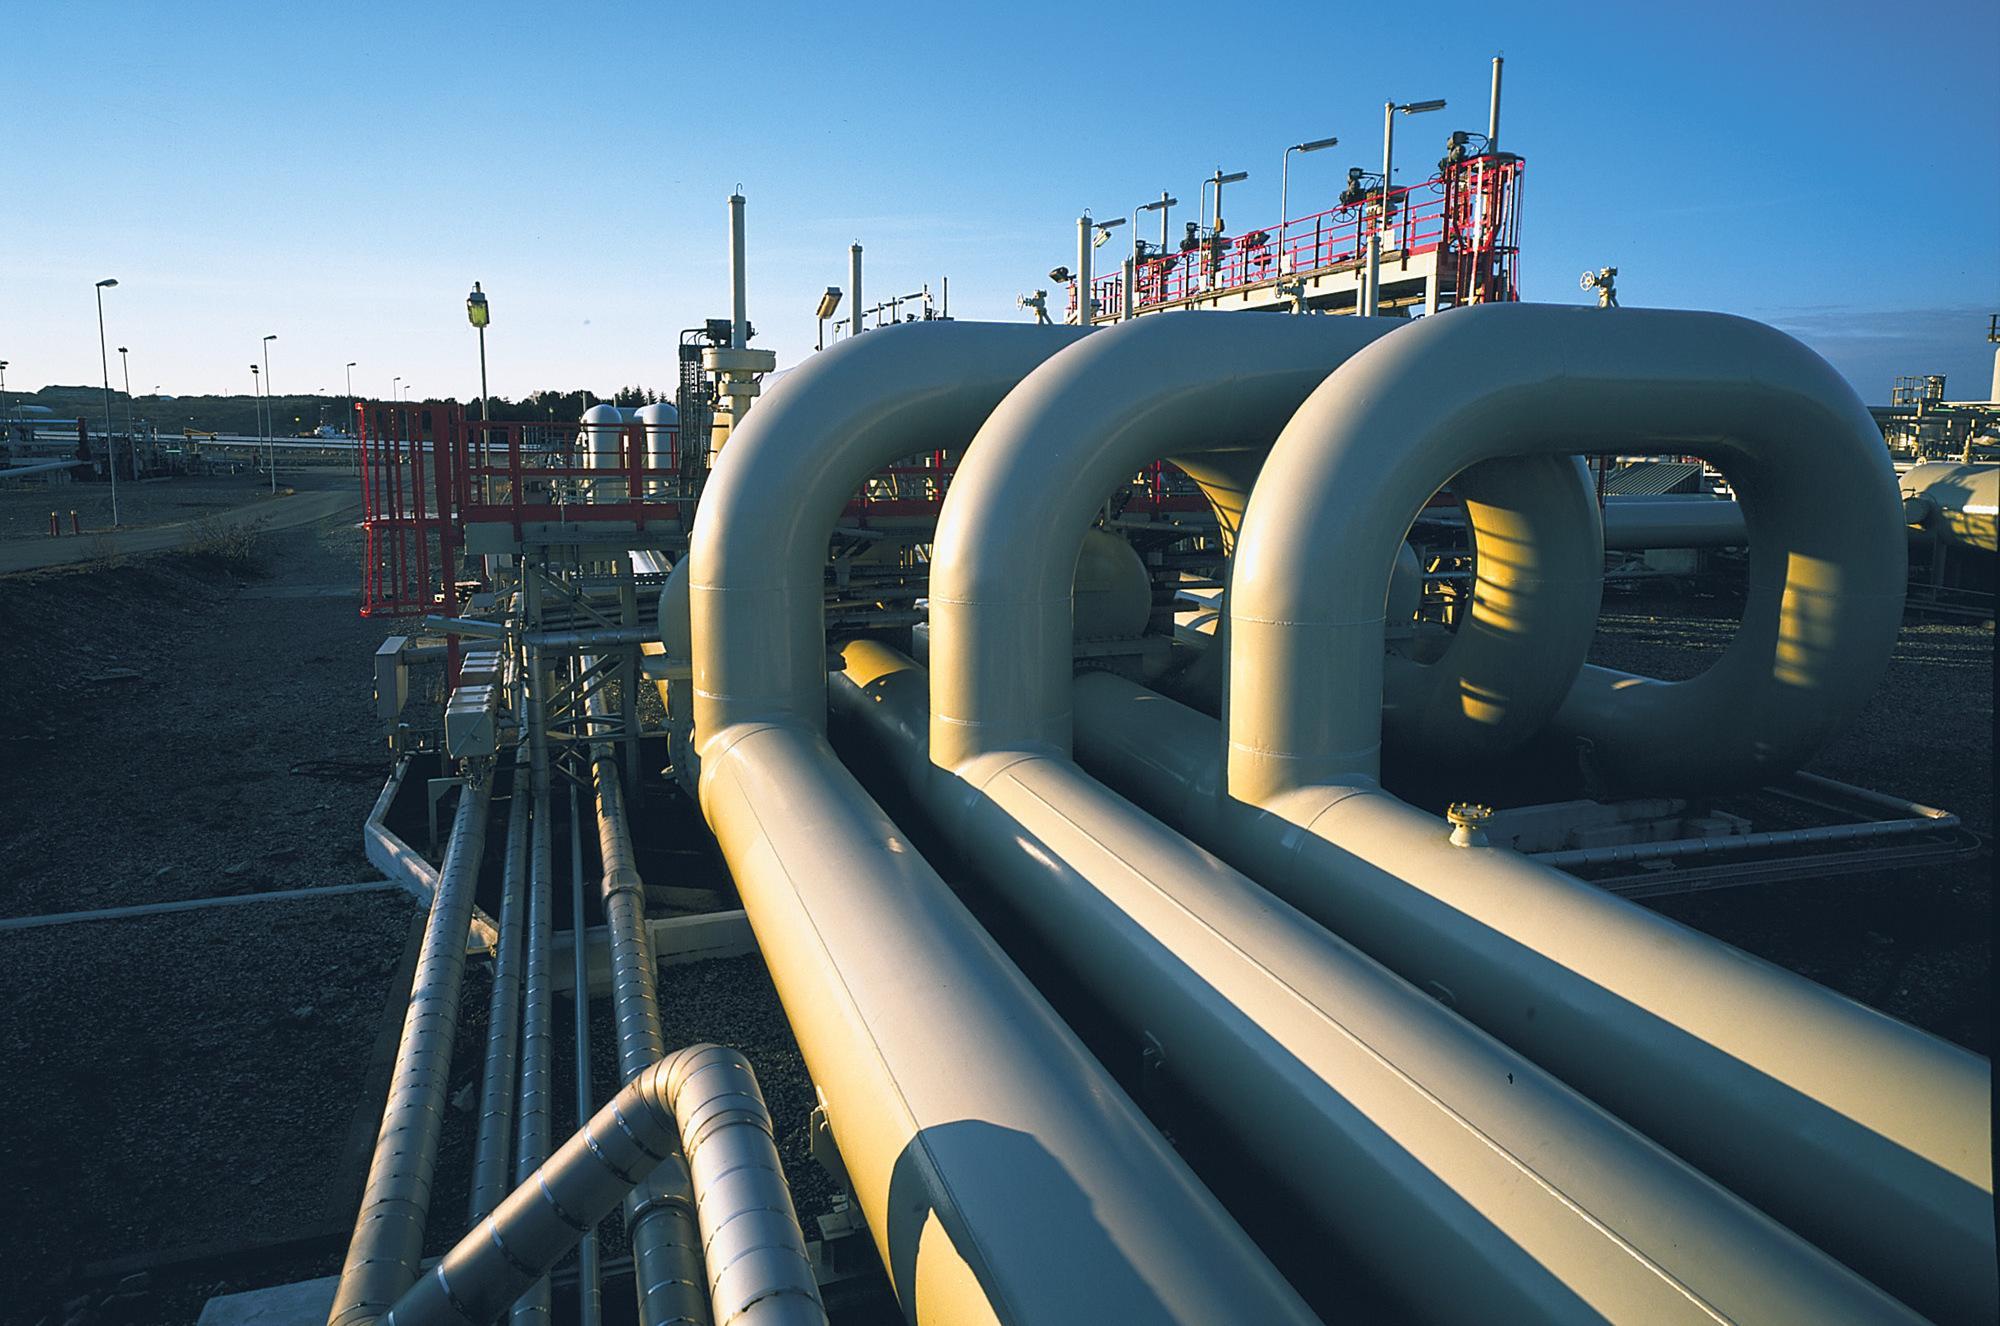 中国3家石油企业管道资产将合并 估值达5000亿元